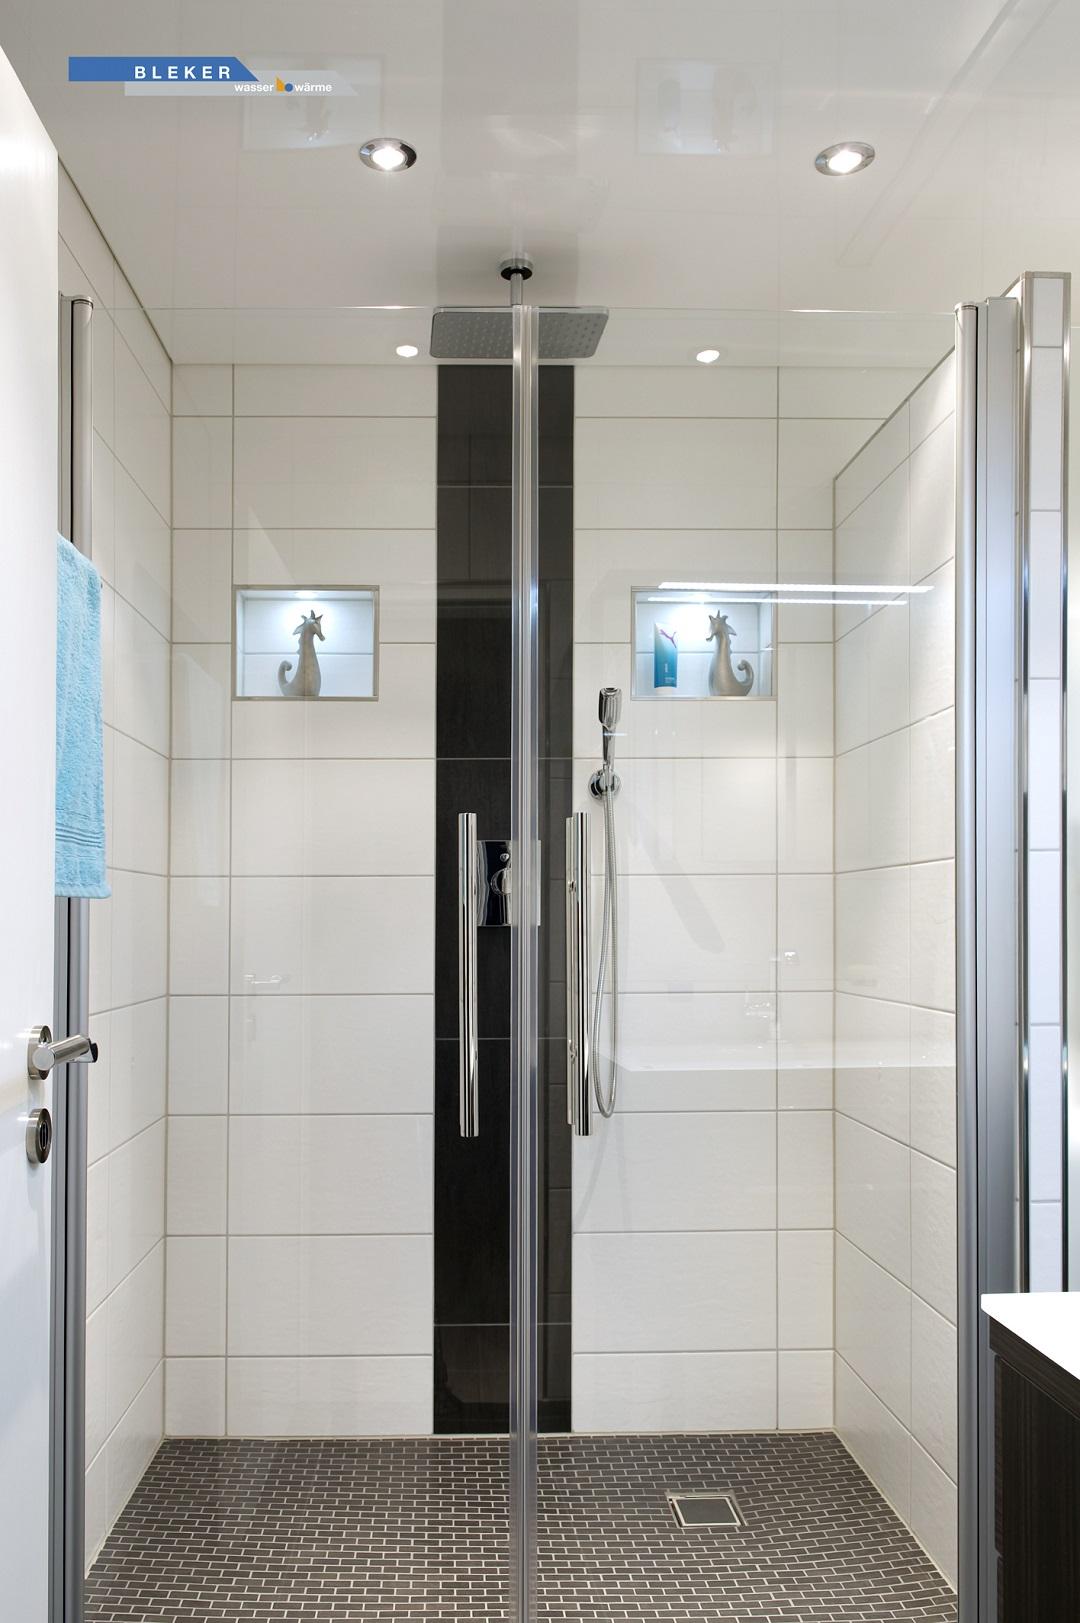 grosse helle Dusche mit weisser Lackspanndecke